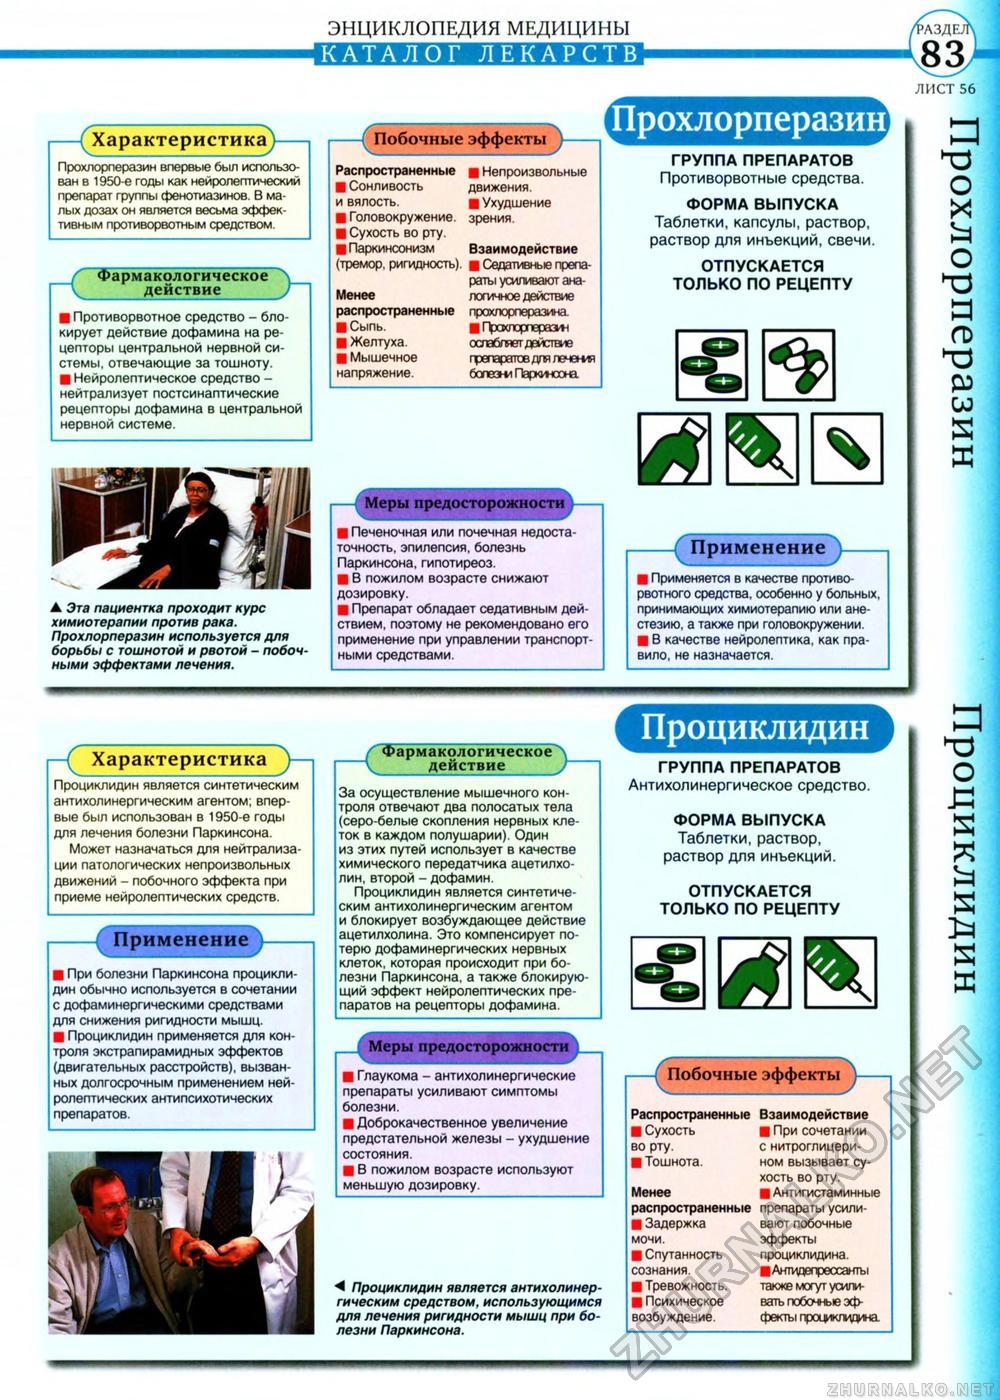 Прохлорперазин фото